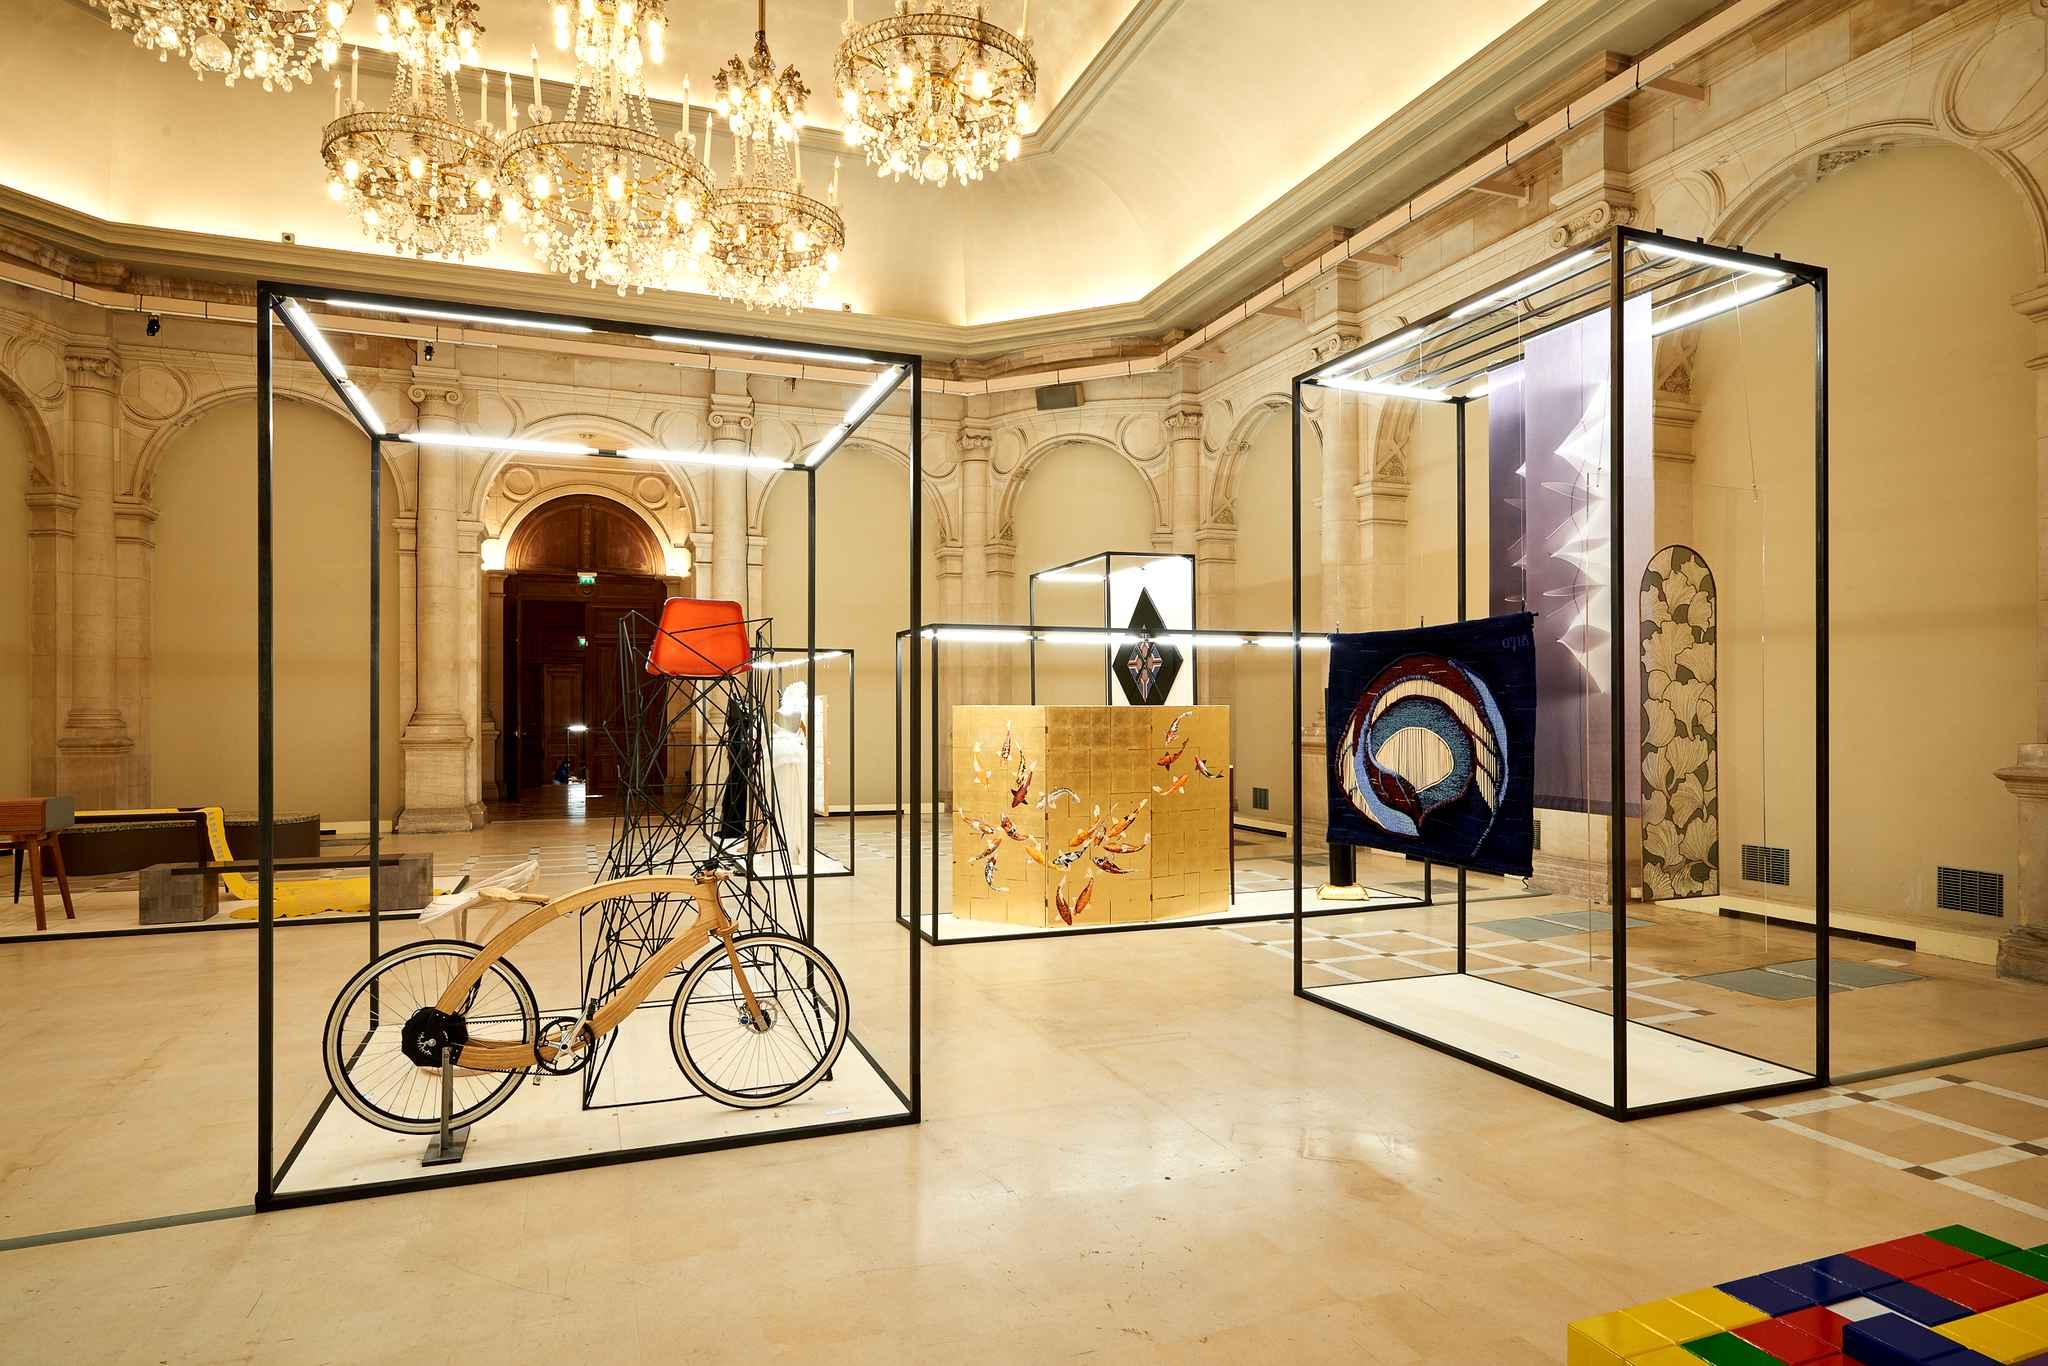 artisanat d'art paris - Artisanat et commerce equitable